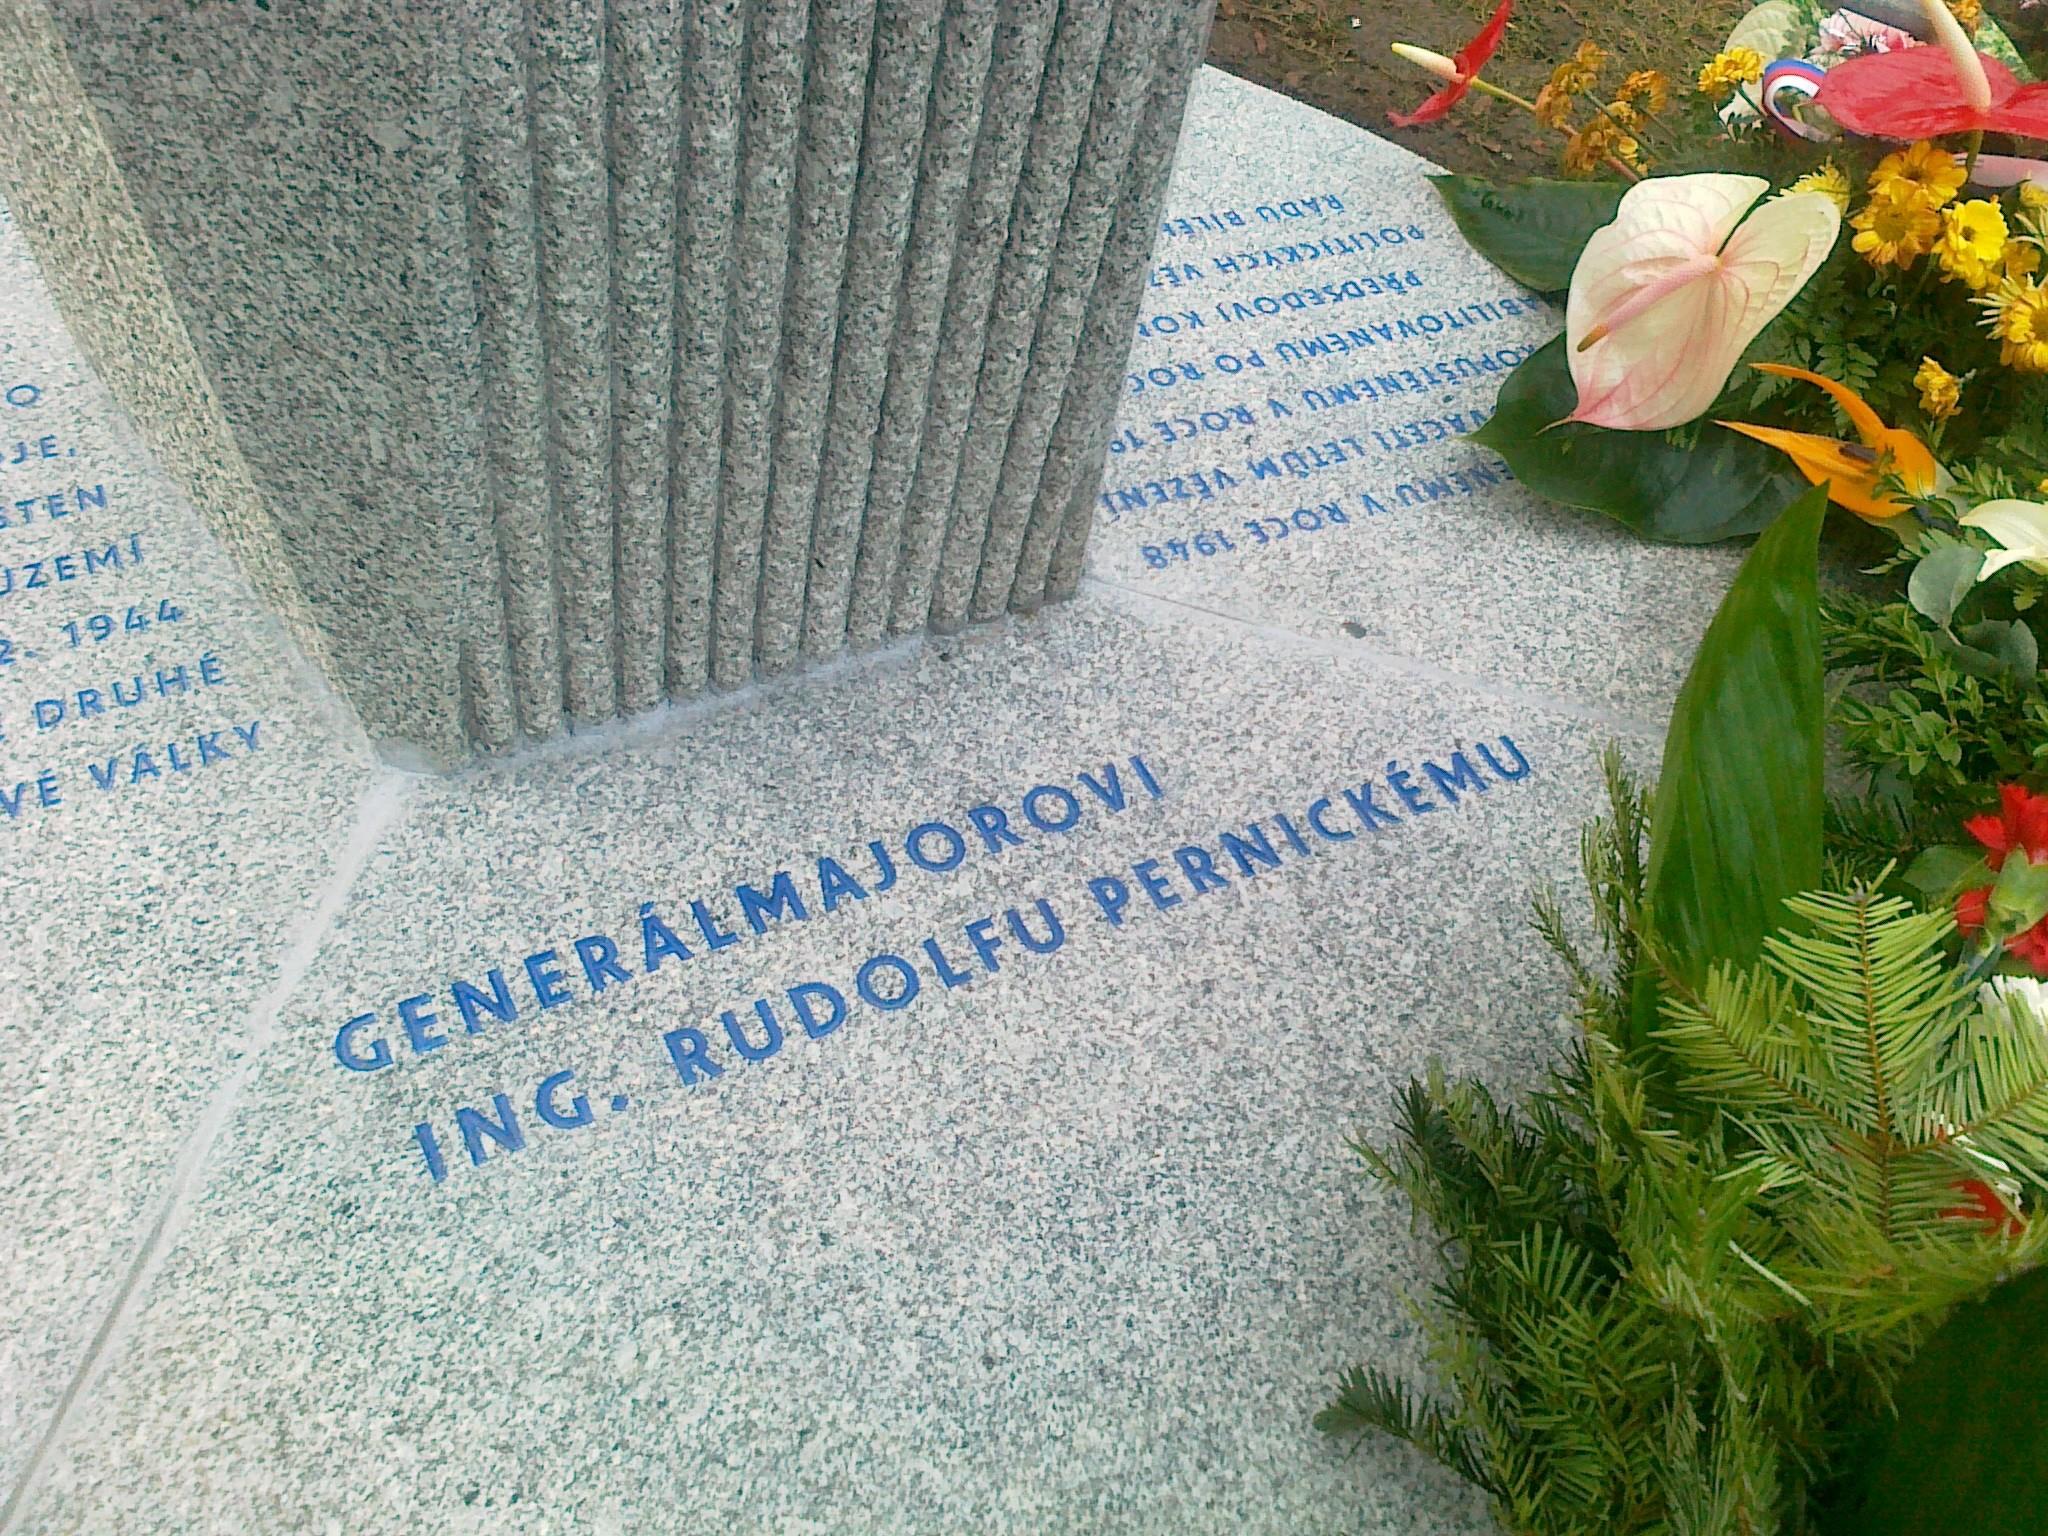 pomník Pernickému - 04